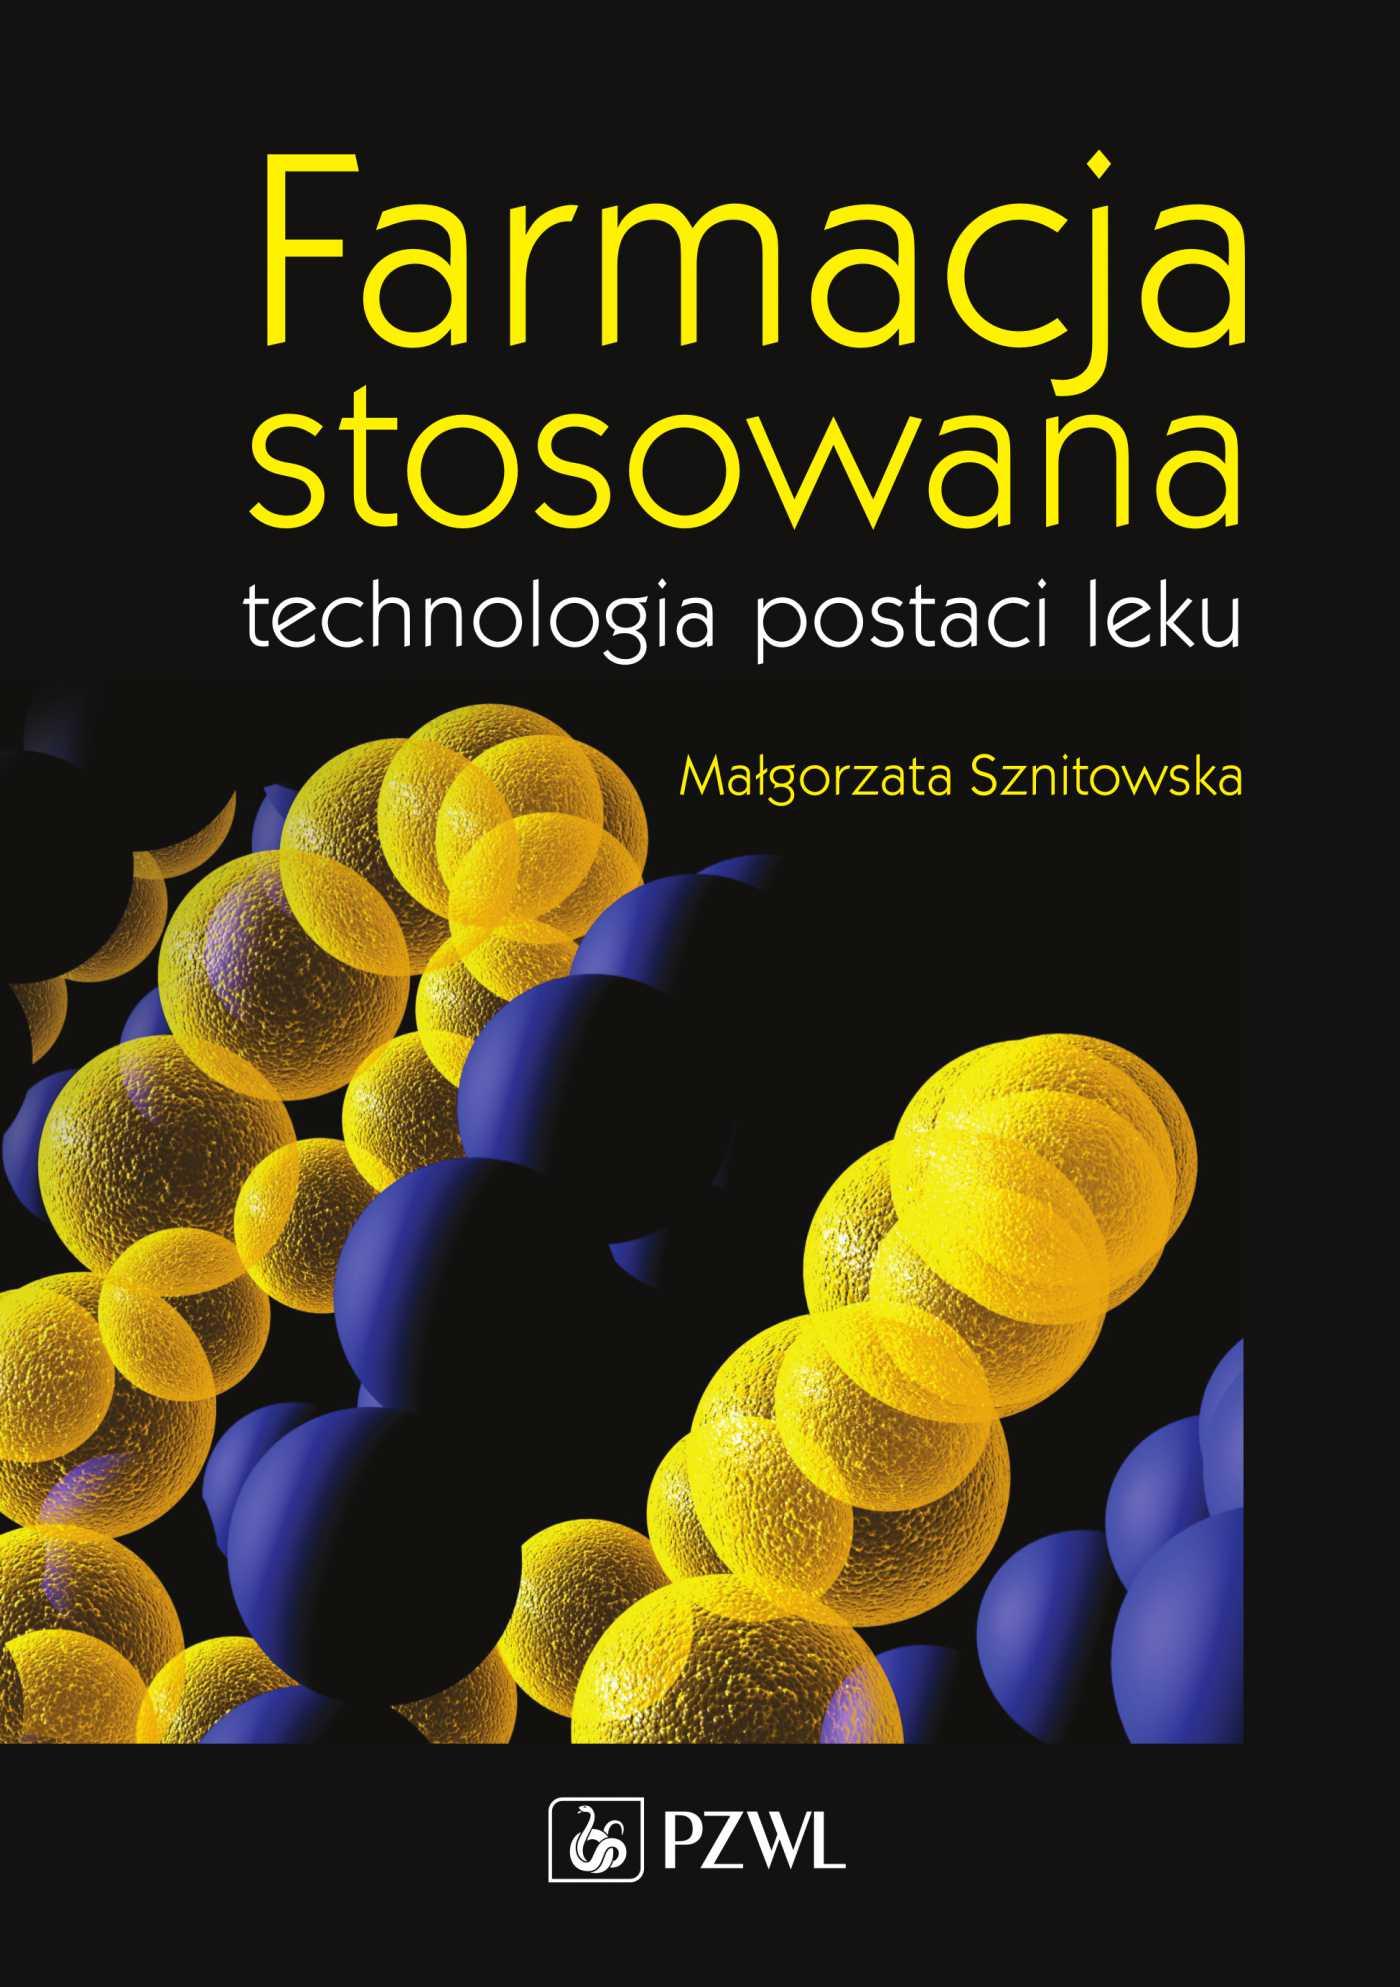 Farmacja stosowana. Technologia postaci leku - Ebook (Książka na Kindle) do pobrania w formacie MOBI